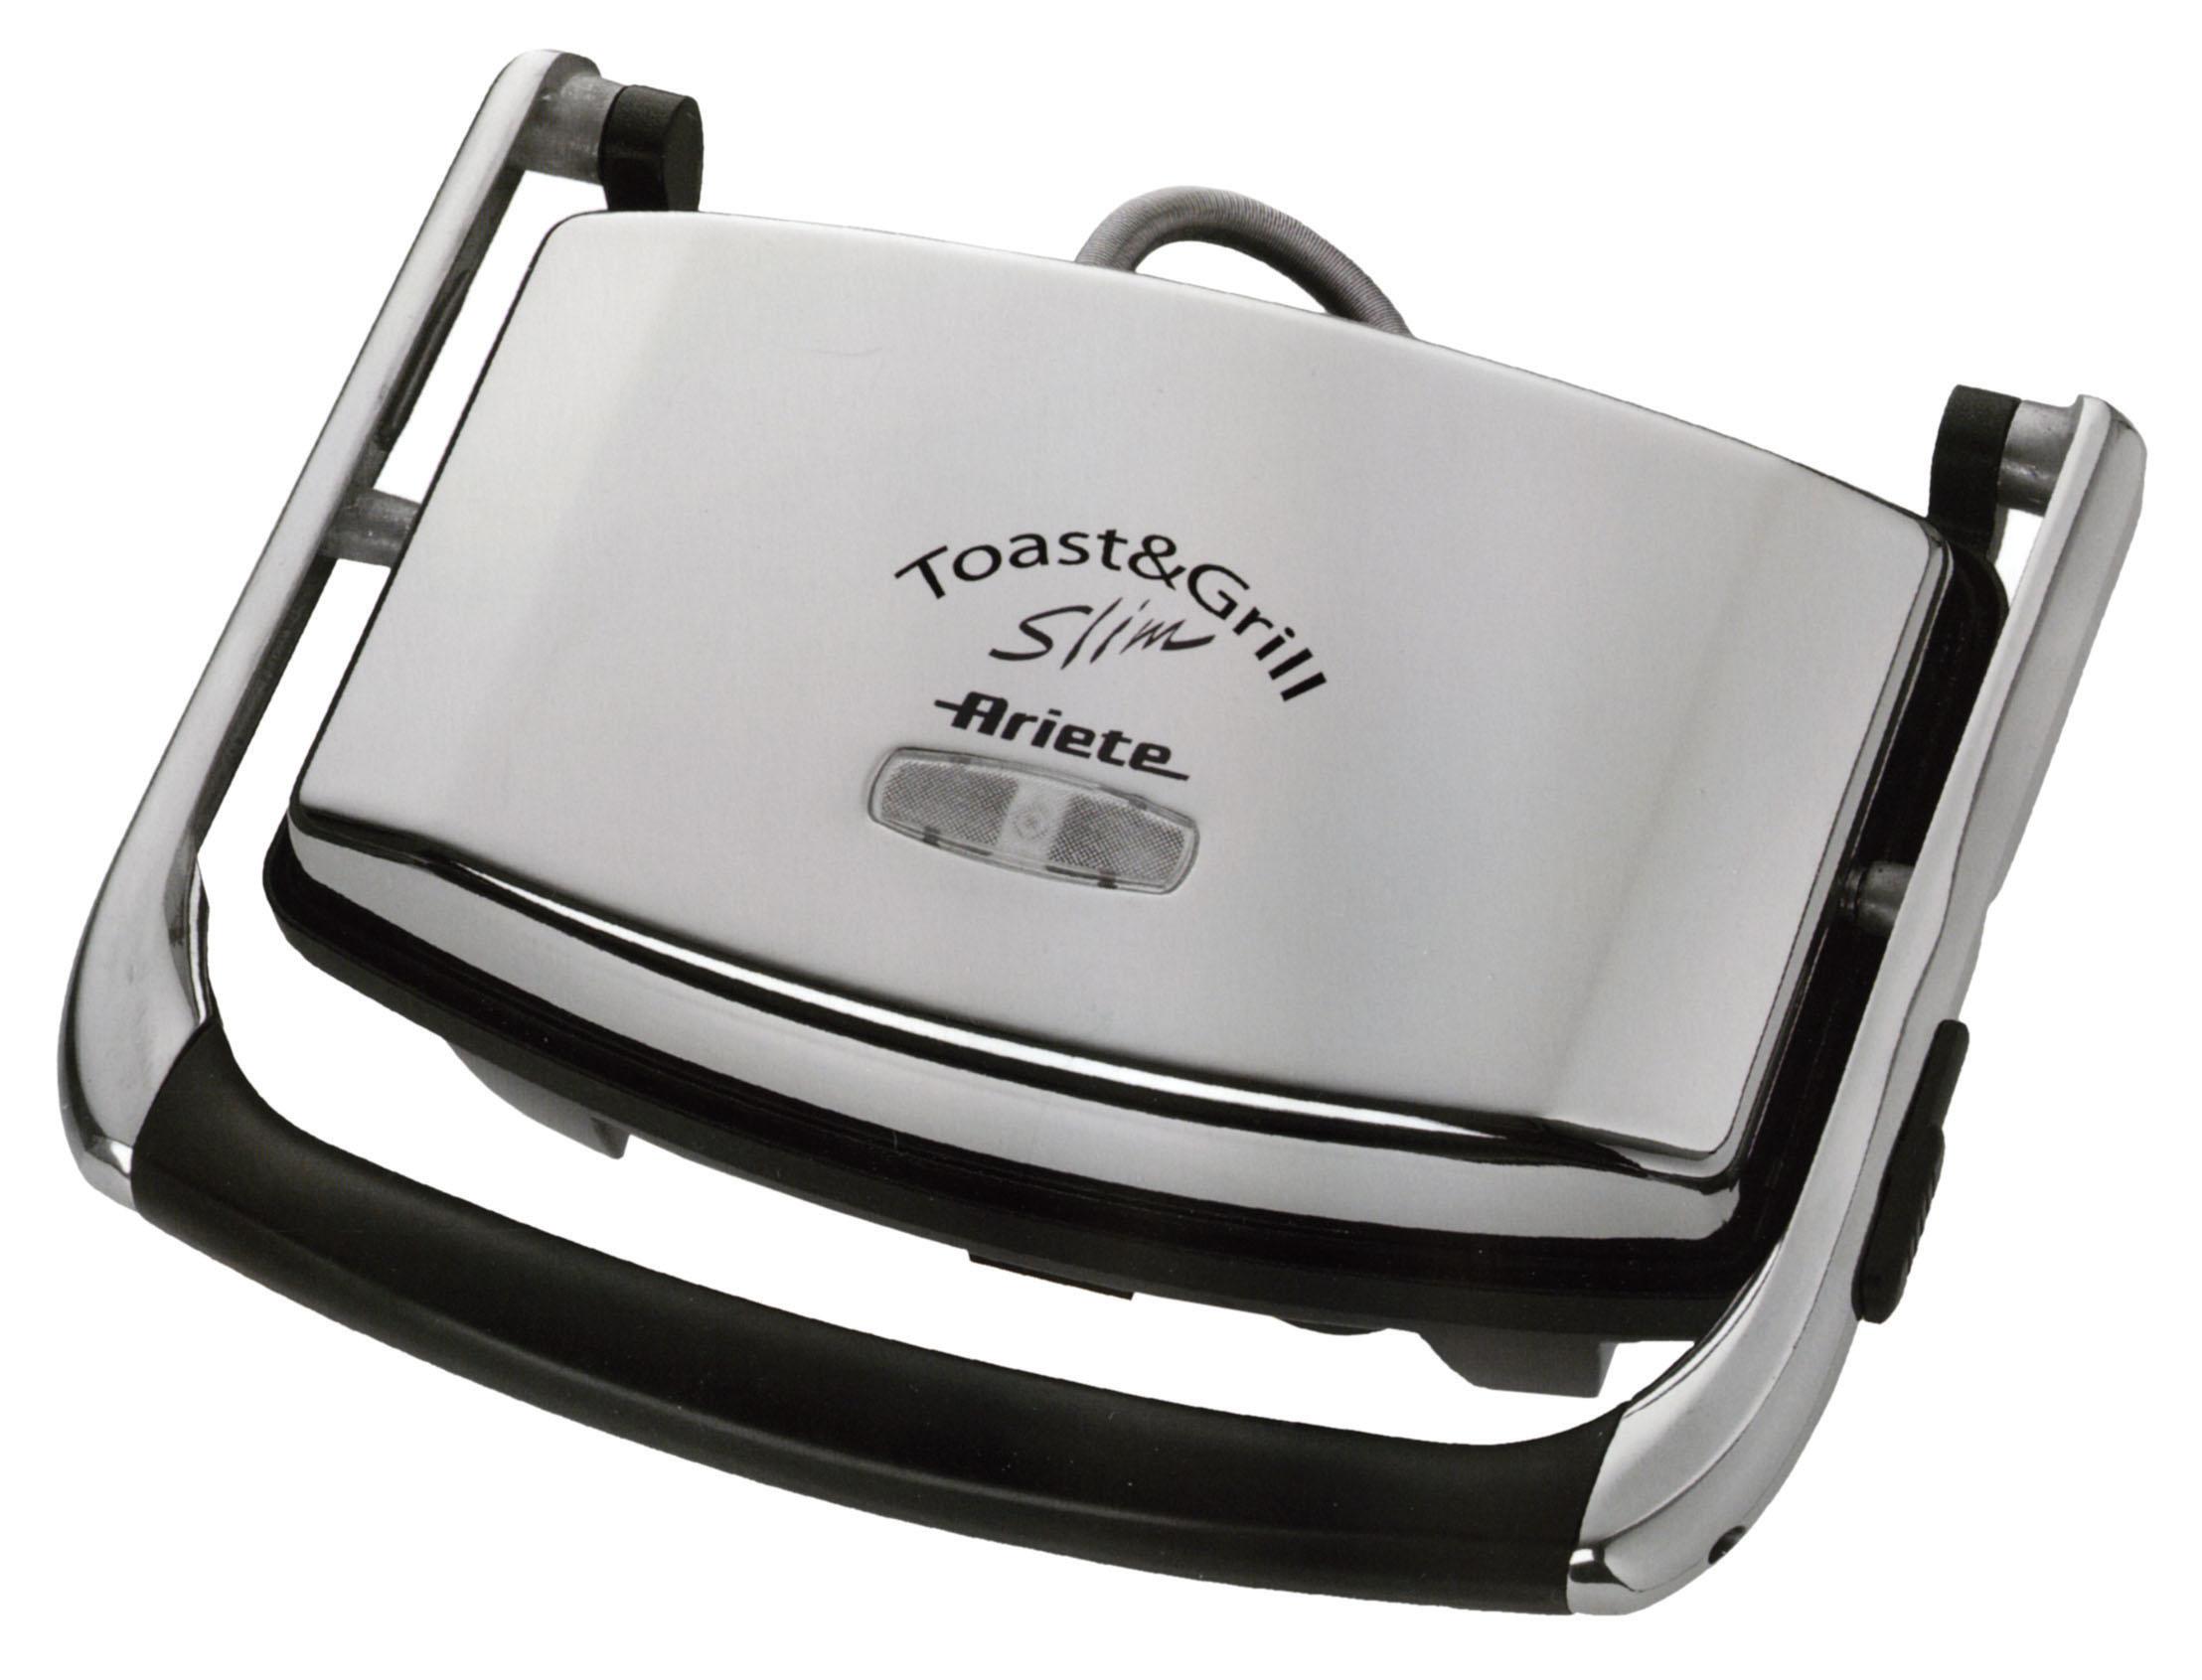 TOSTIERA TOAST GRILL 1000W